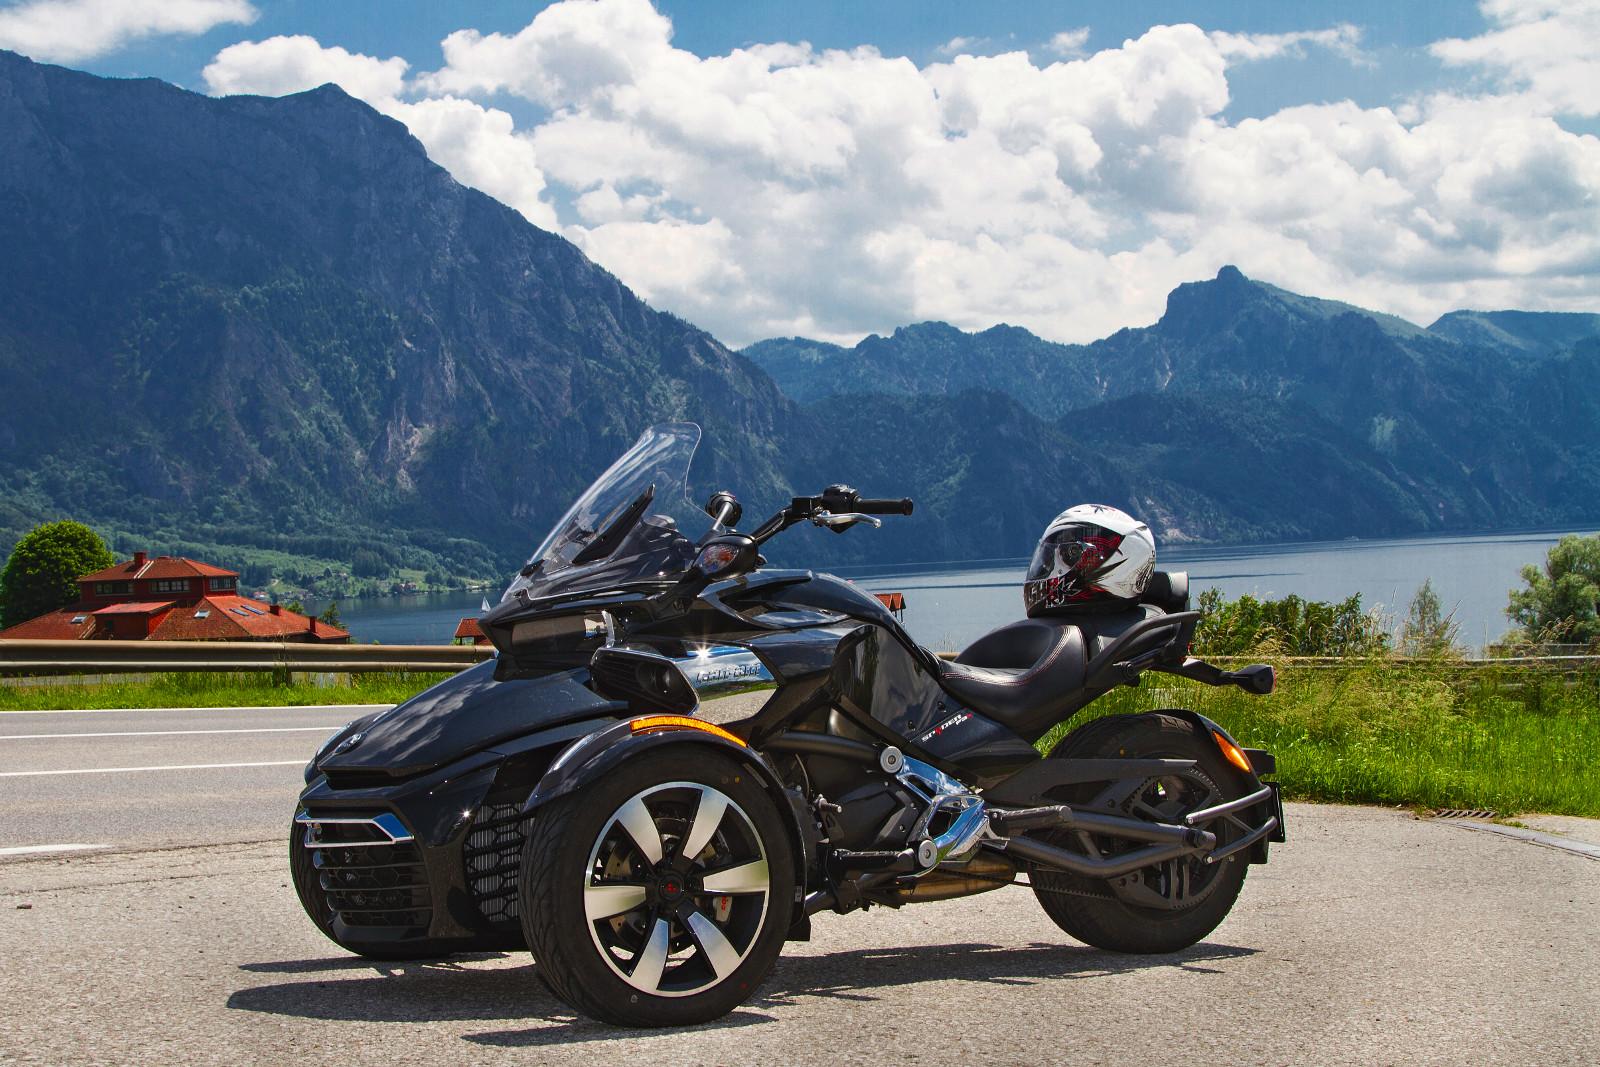 Ütős forma, erős motor – eszményi partner a Spyder. A plexi 185 centis testmagasságig véd a menetszéltől